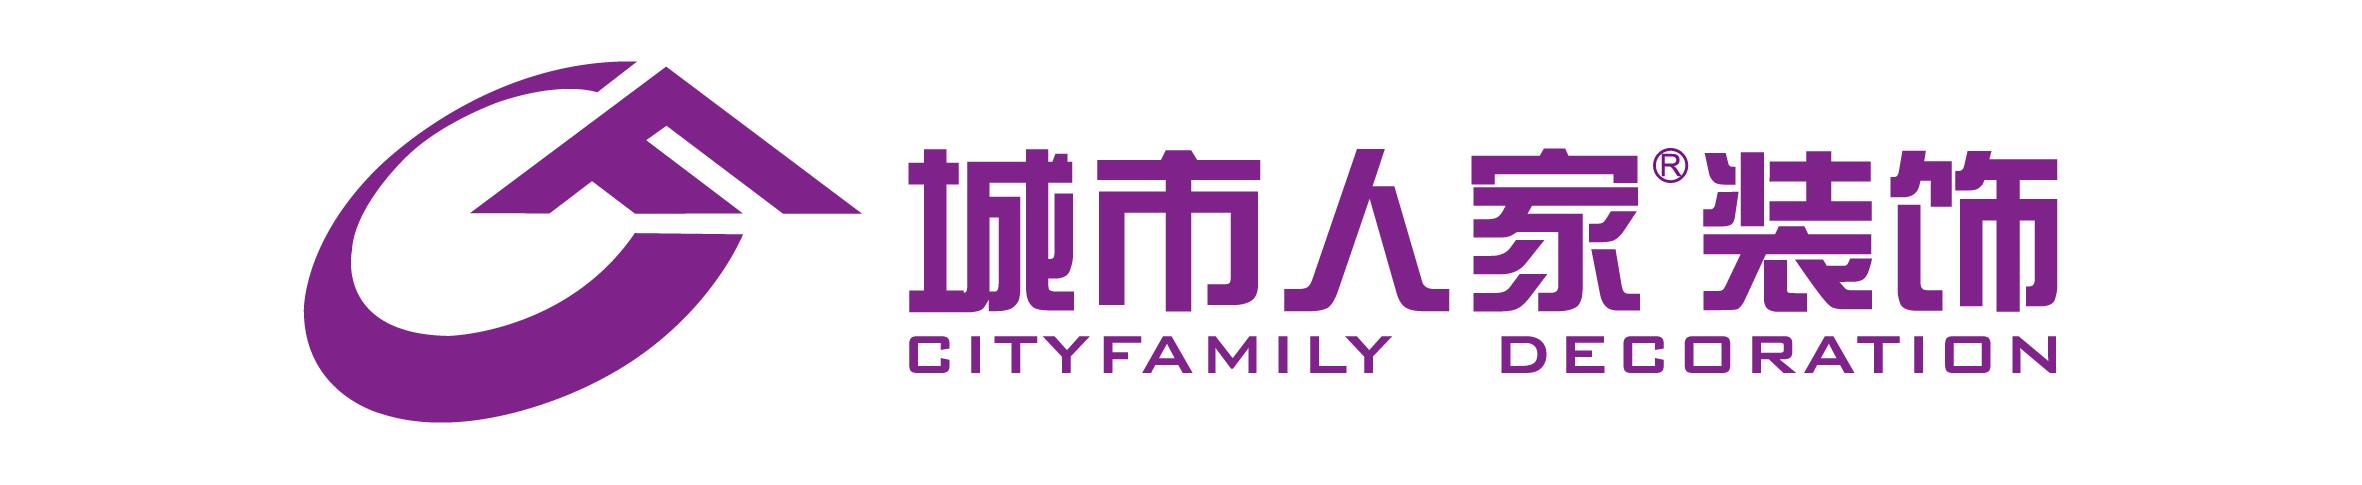 牡丹江城市人家装饰公司